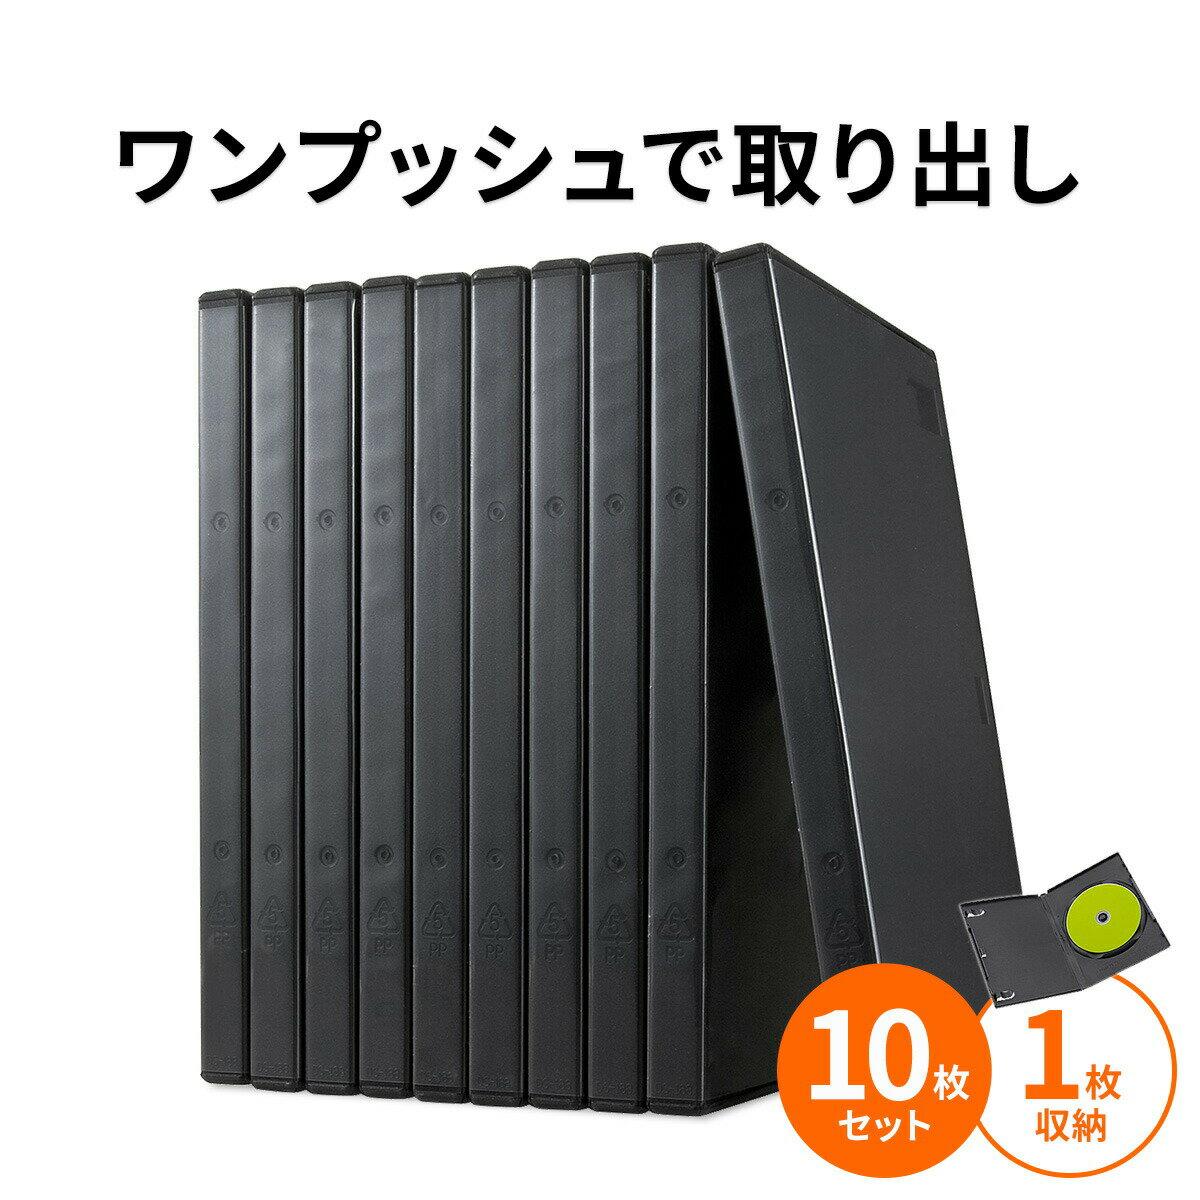 DVDケース トールケース 1枚収納×10枚セット 収納ケース メディアケース [200-FCD032]【サンワダイレクト限定品】